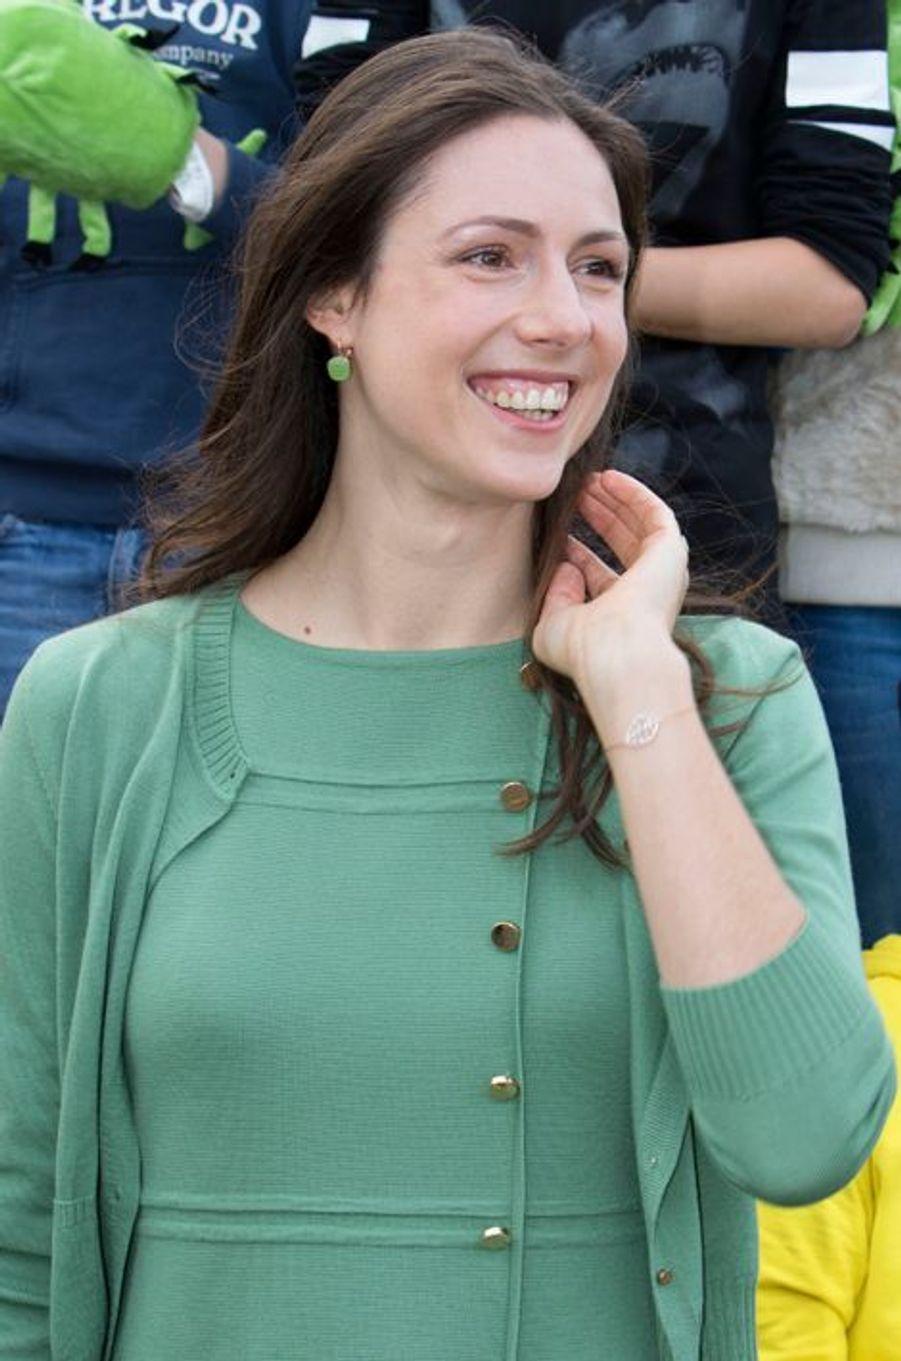 La princesse Viktoria de Bourbon de Parme à Krimpen aan den Ijssel, le 9 novembre 2015